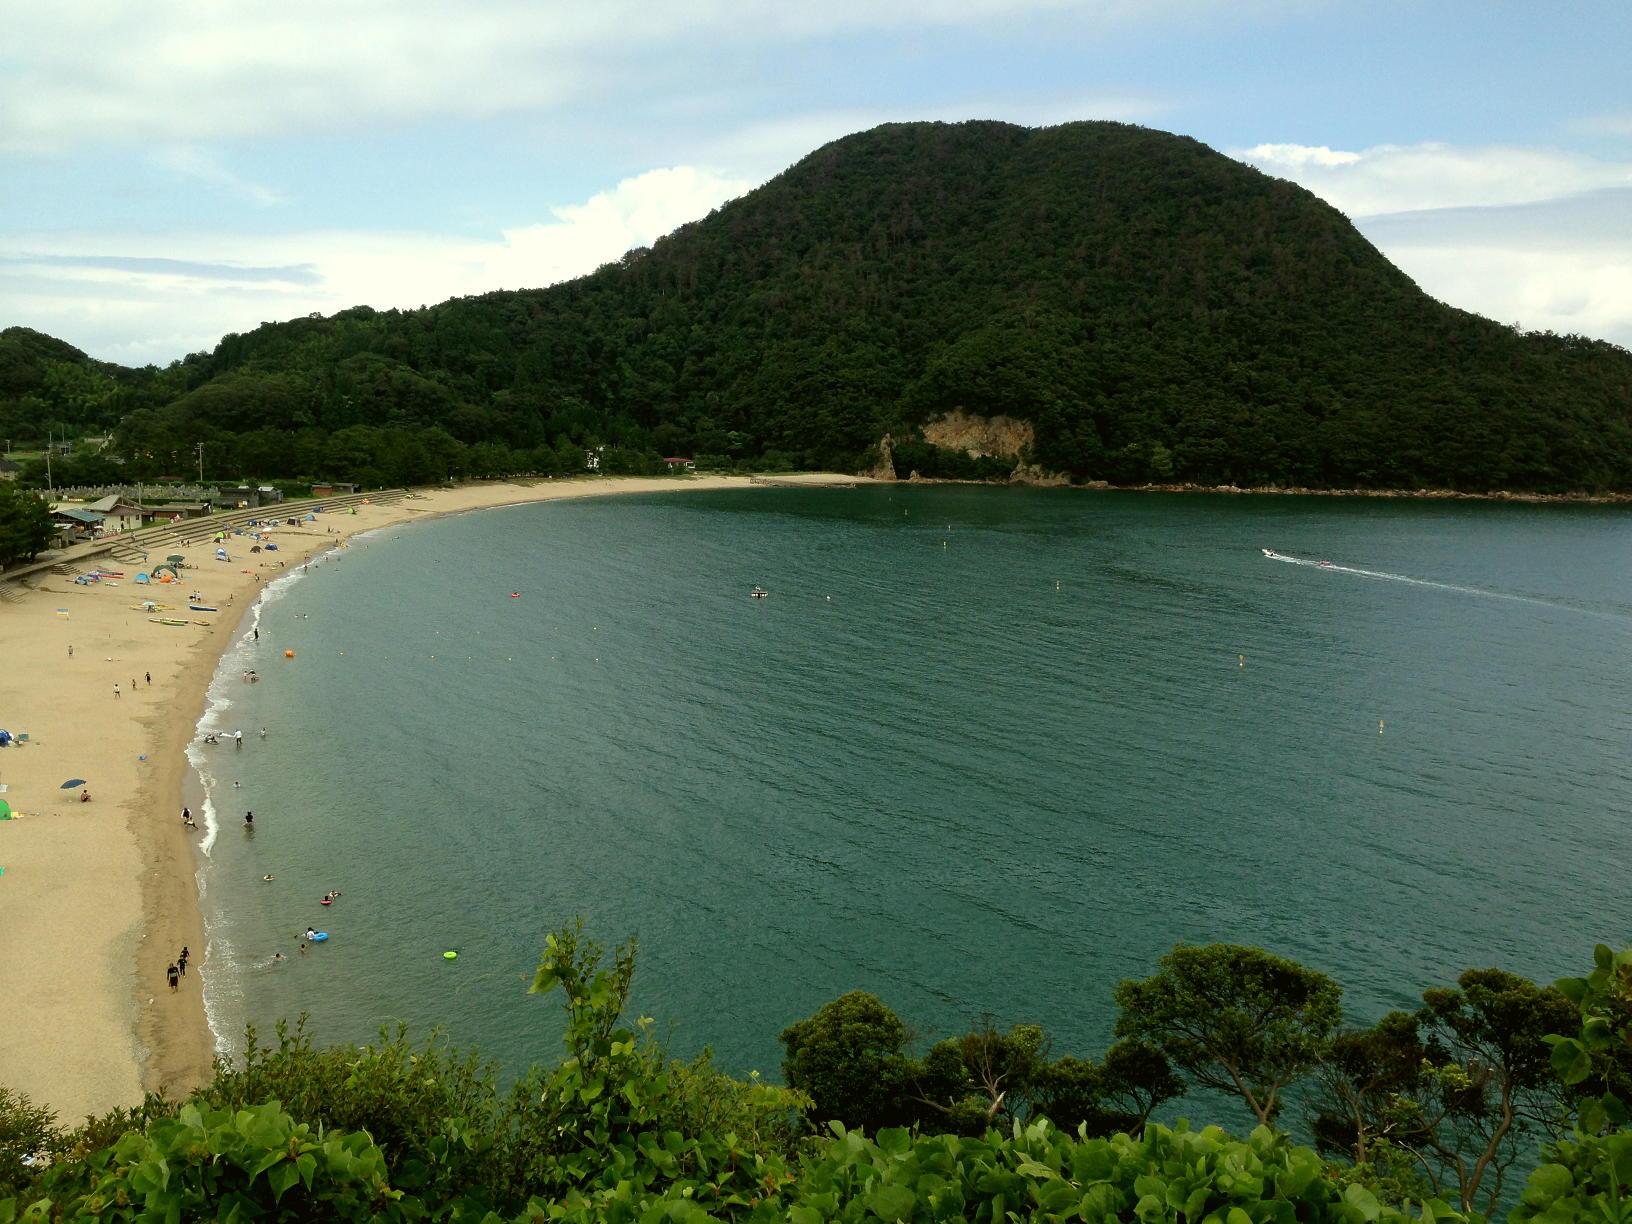 佐津海水浴場の全貌を眺めるには魚見台から